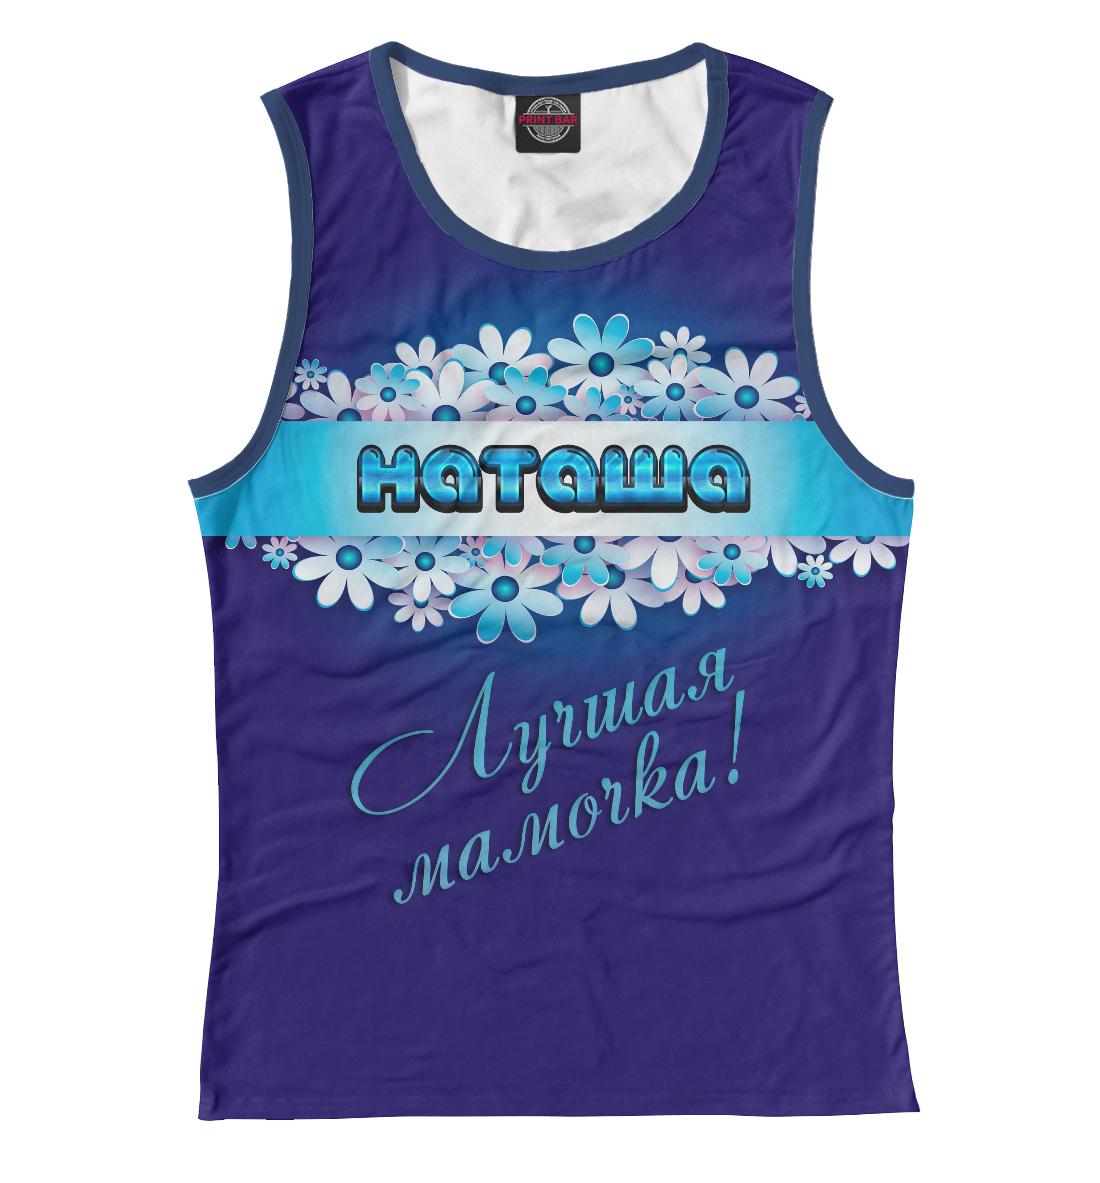 Купить Лучшая мамочка Наташа, Printbar, Майки, IMR-528488-may-1